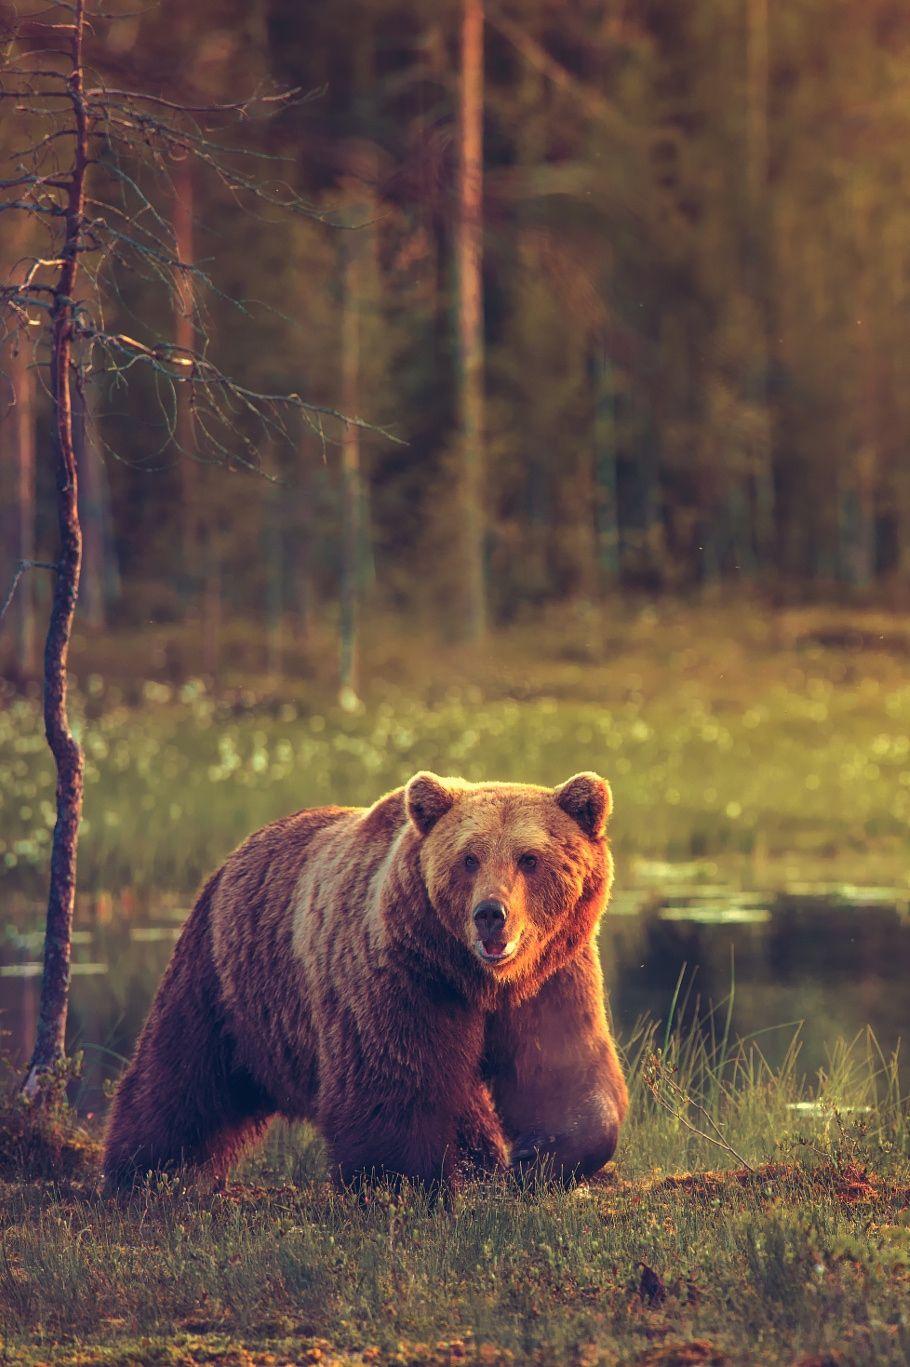 Pin von Iceman auf animales | Pinterest | Bären, Waldtiere und Schnee